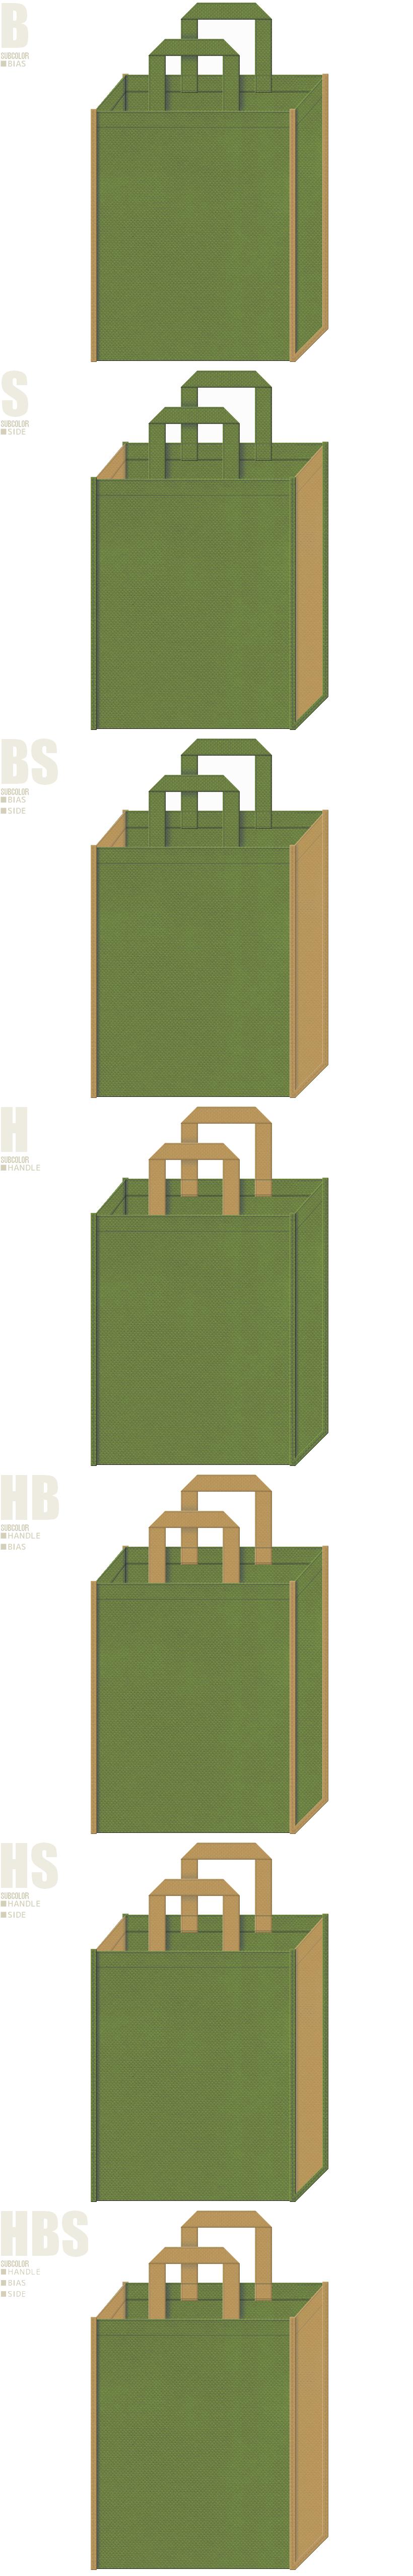 江戸・草履・草鞋・飛脚・暖簾・旅館・和風建築の展示会用バッグにお奨めの不織布バッグデザイン:草色と金黄土色の不織布バッグ配色7パターン。